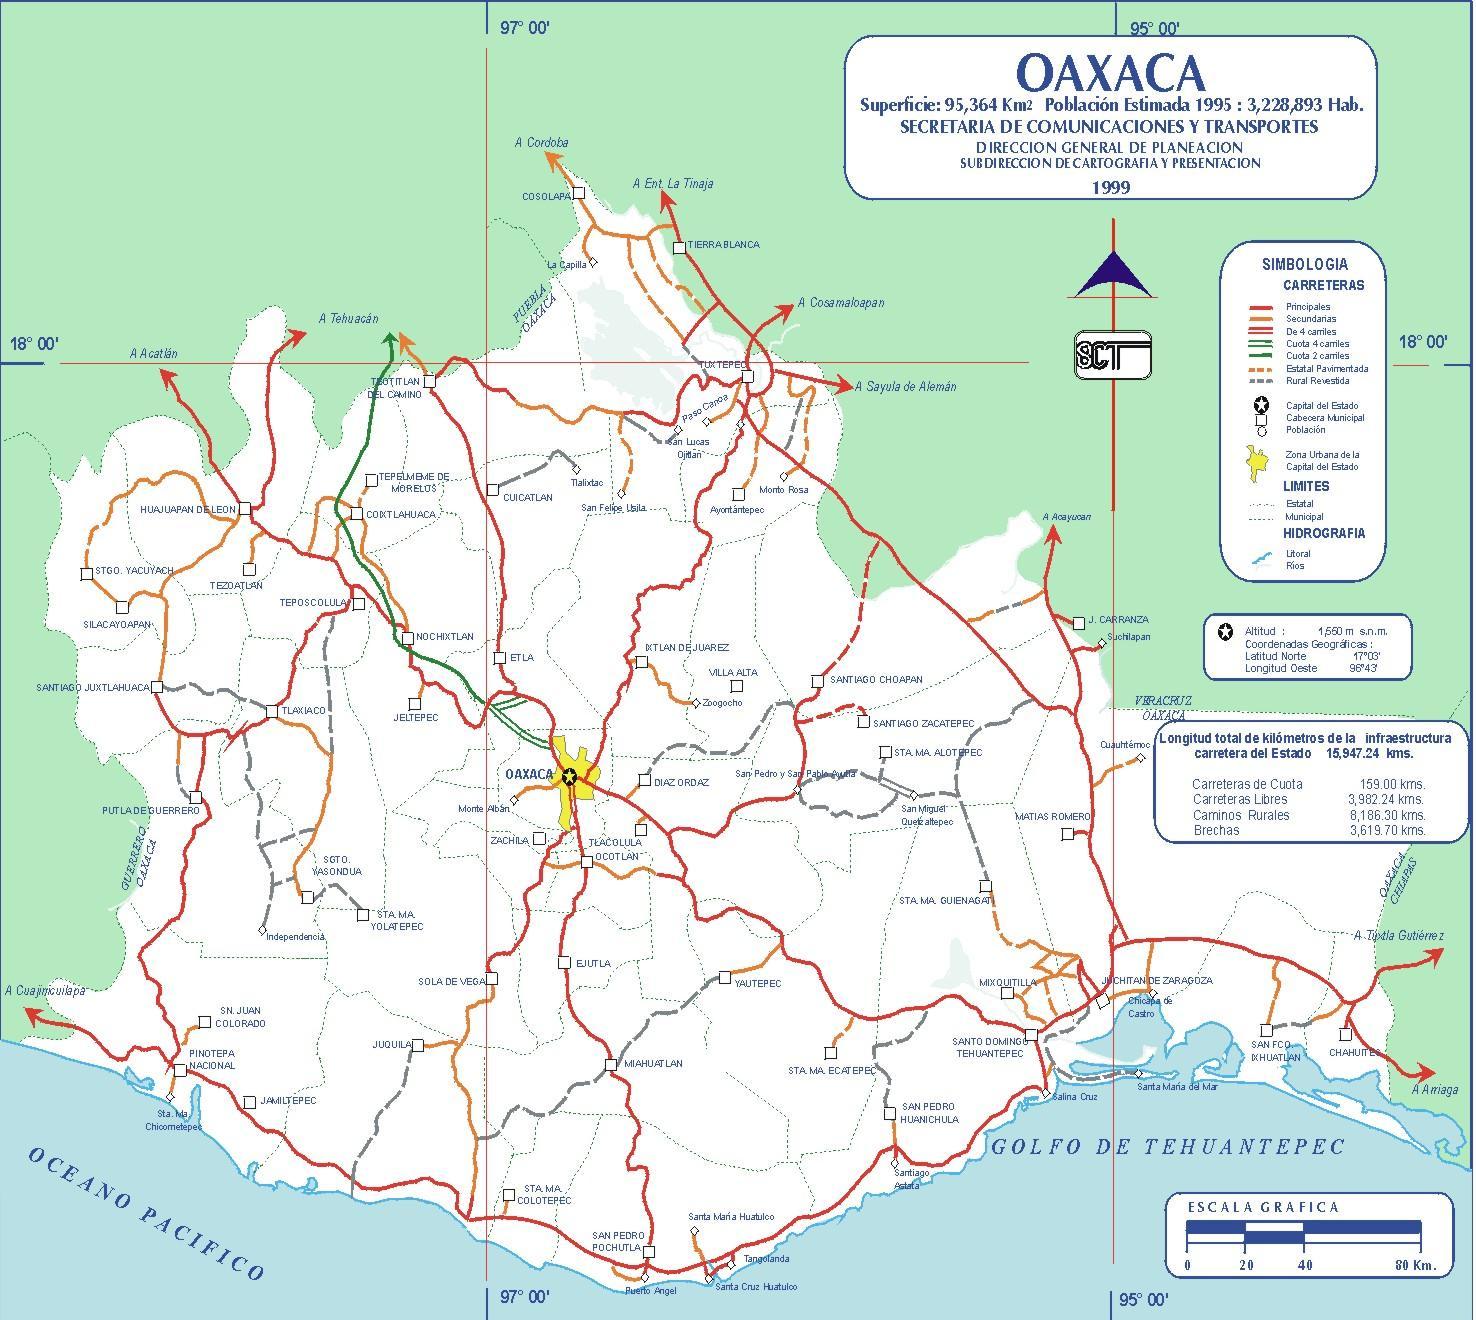 Mapa de Oaxaca (Estado), Mexico